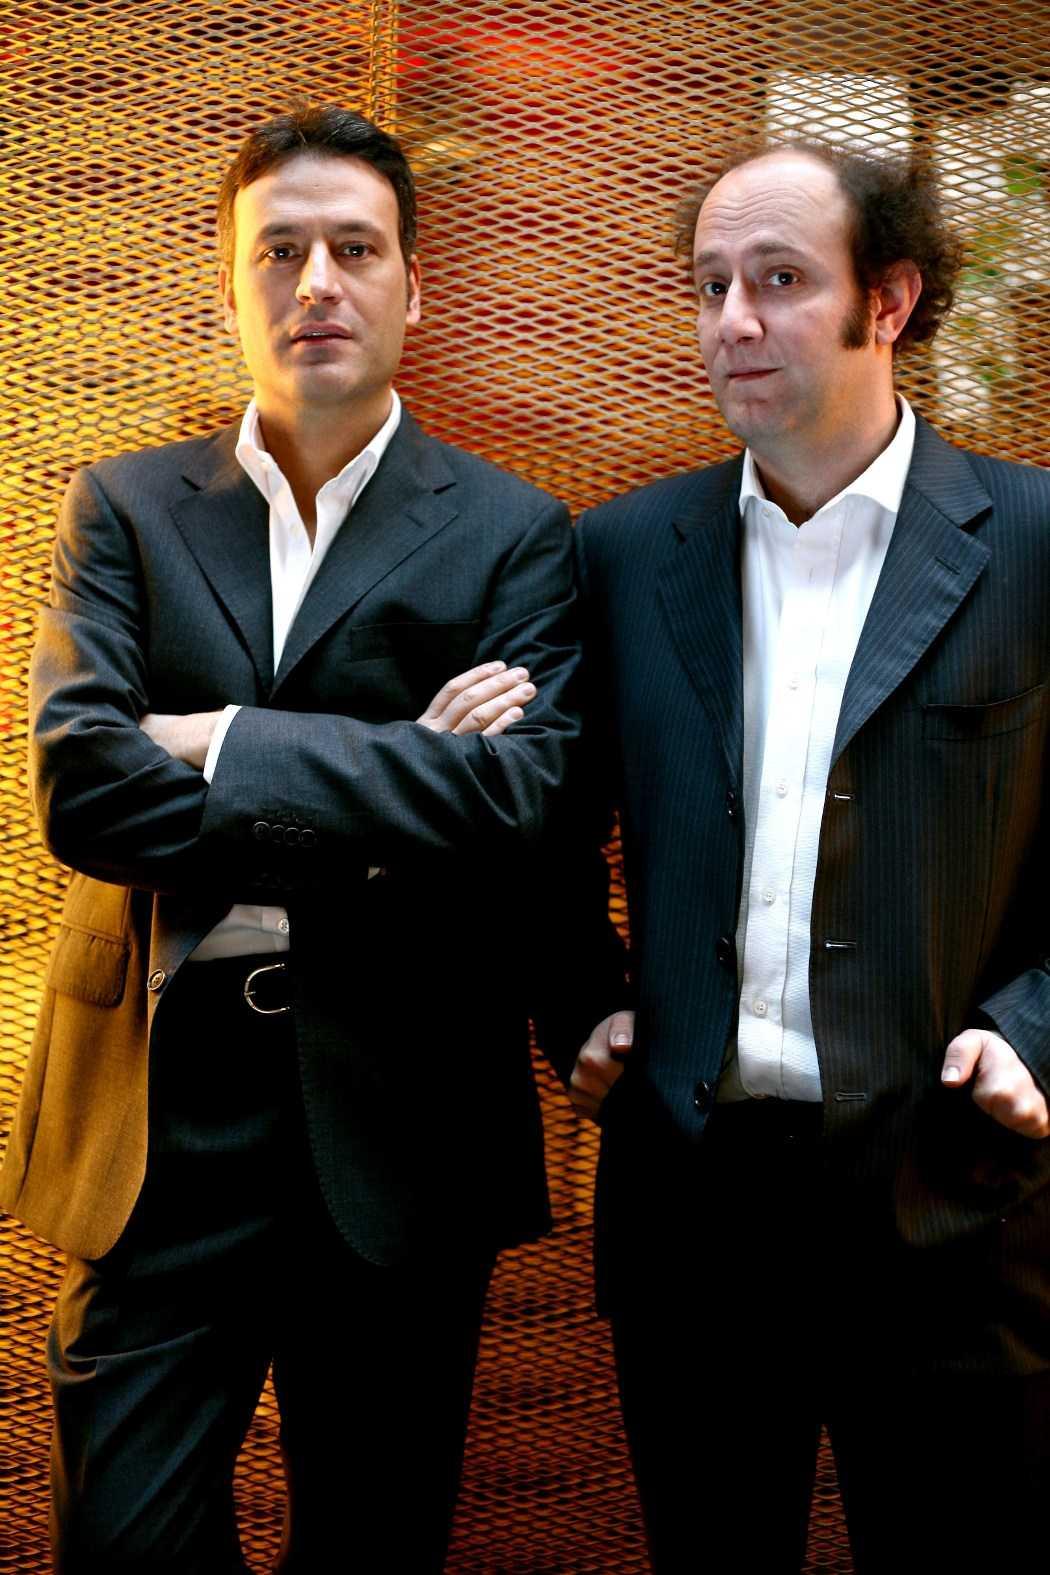 Ale & Franz in prima tv su Comedy Central | Digitale terrestre: Dtti.it